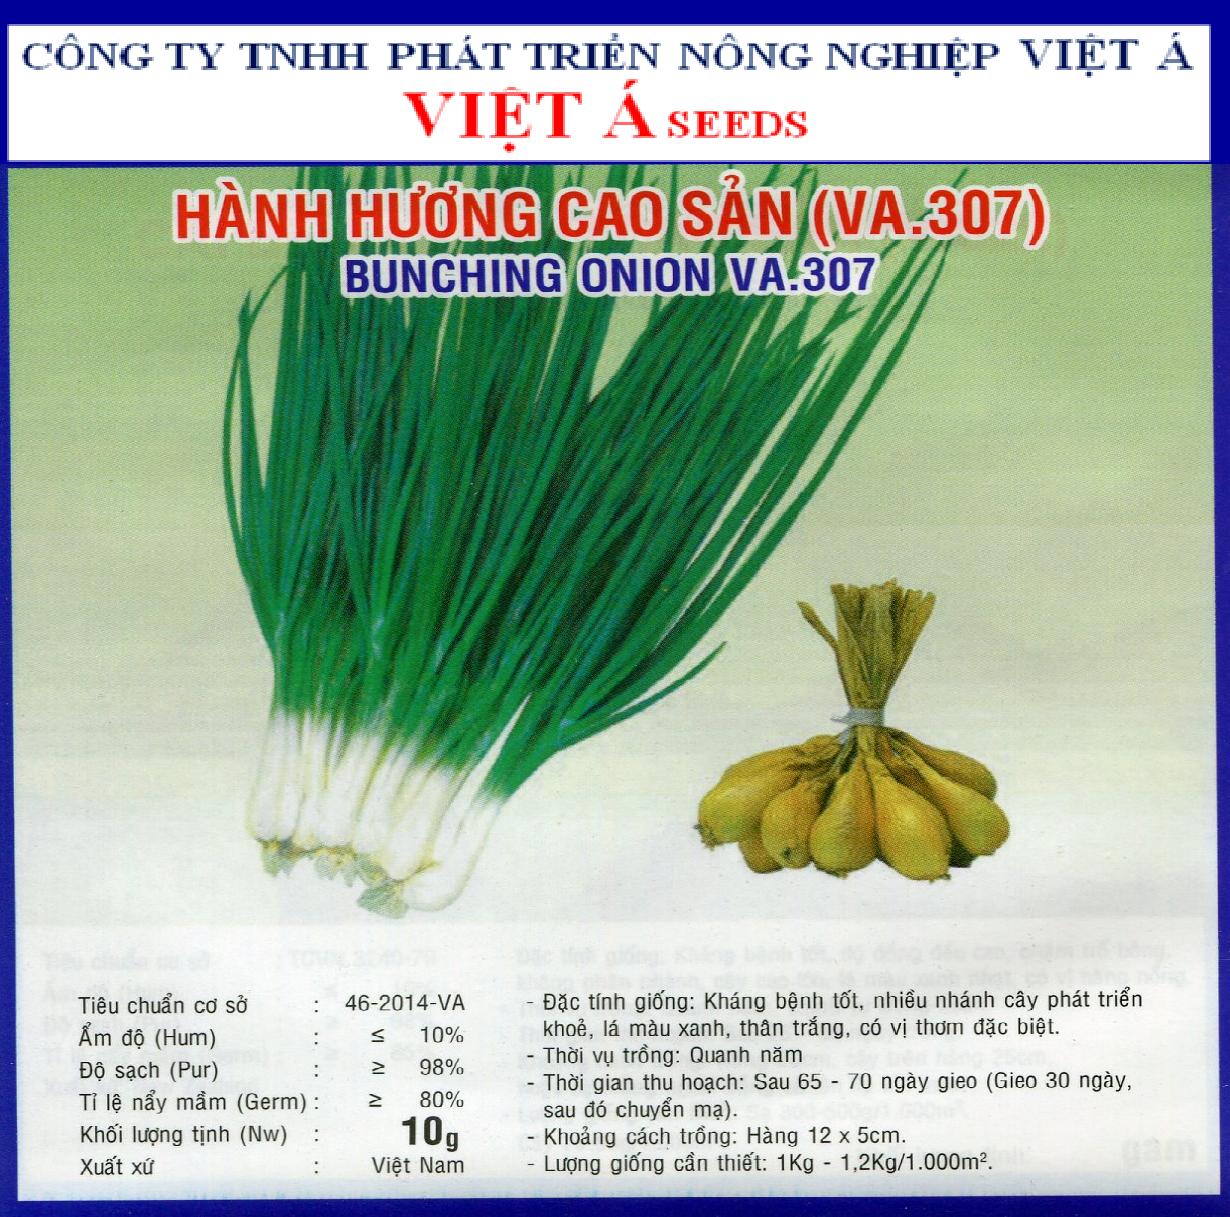 HÀNH HƯƠNG CAO SẢN (VA.307) 10GR